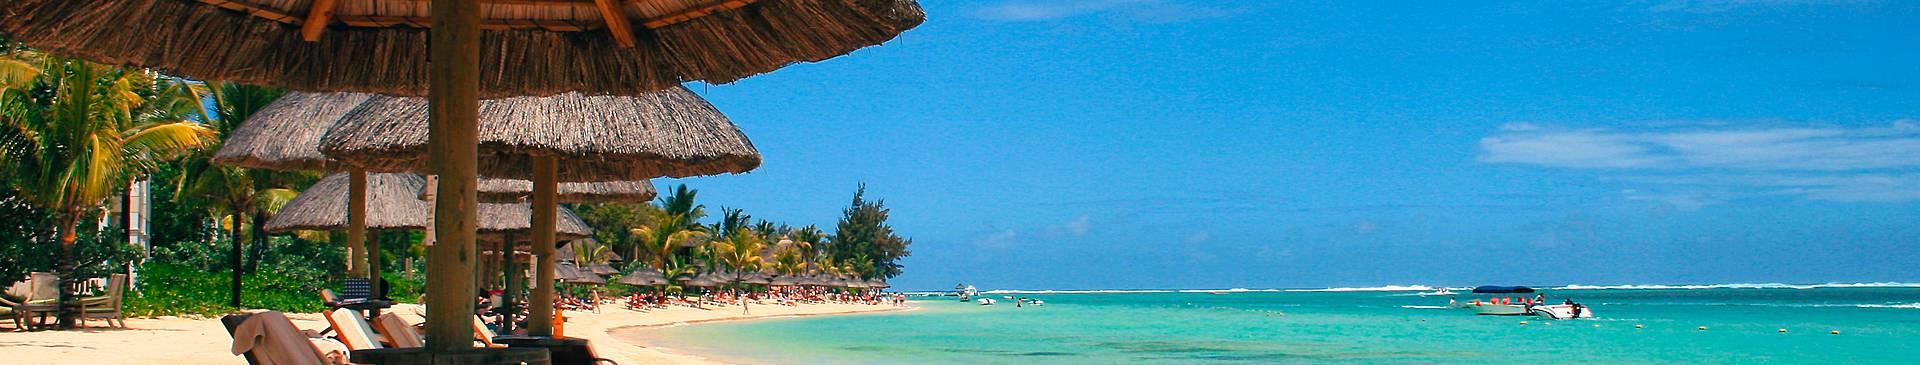 Viaggi al mare a Mauritius